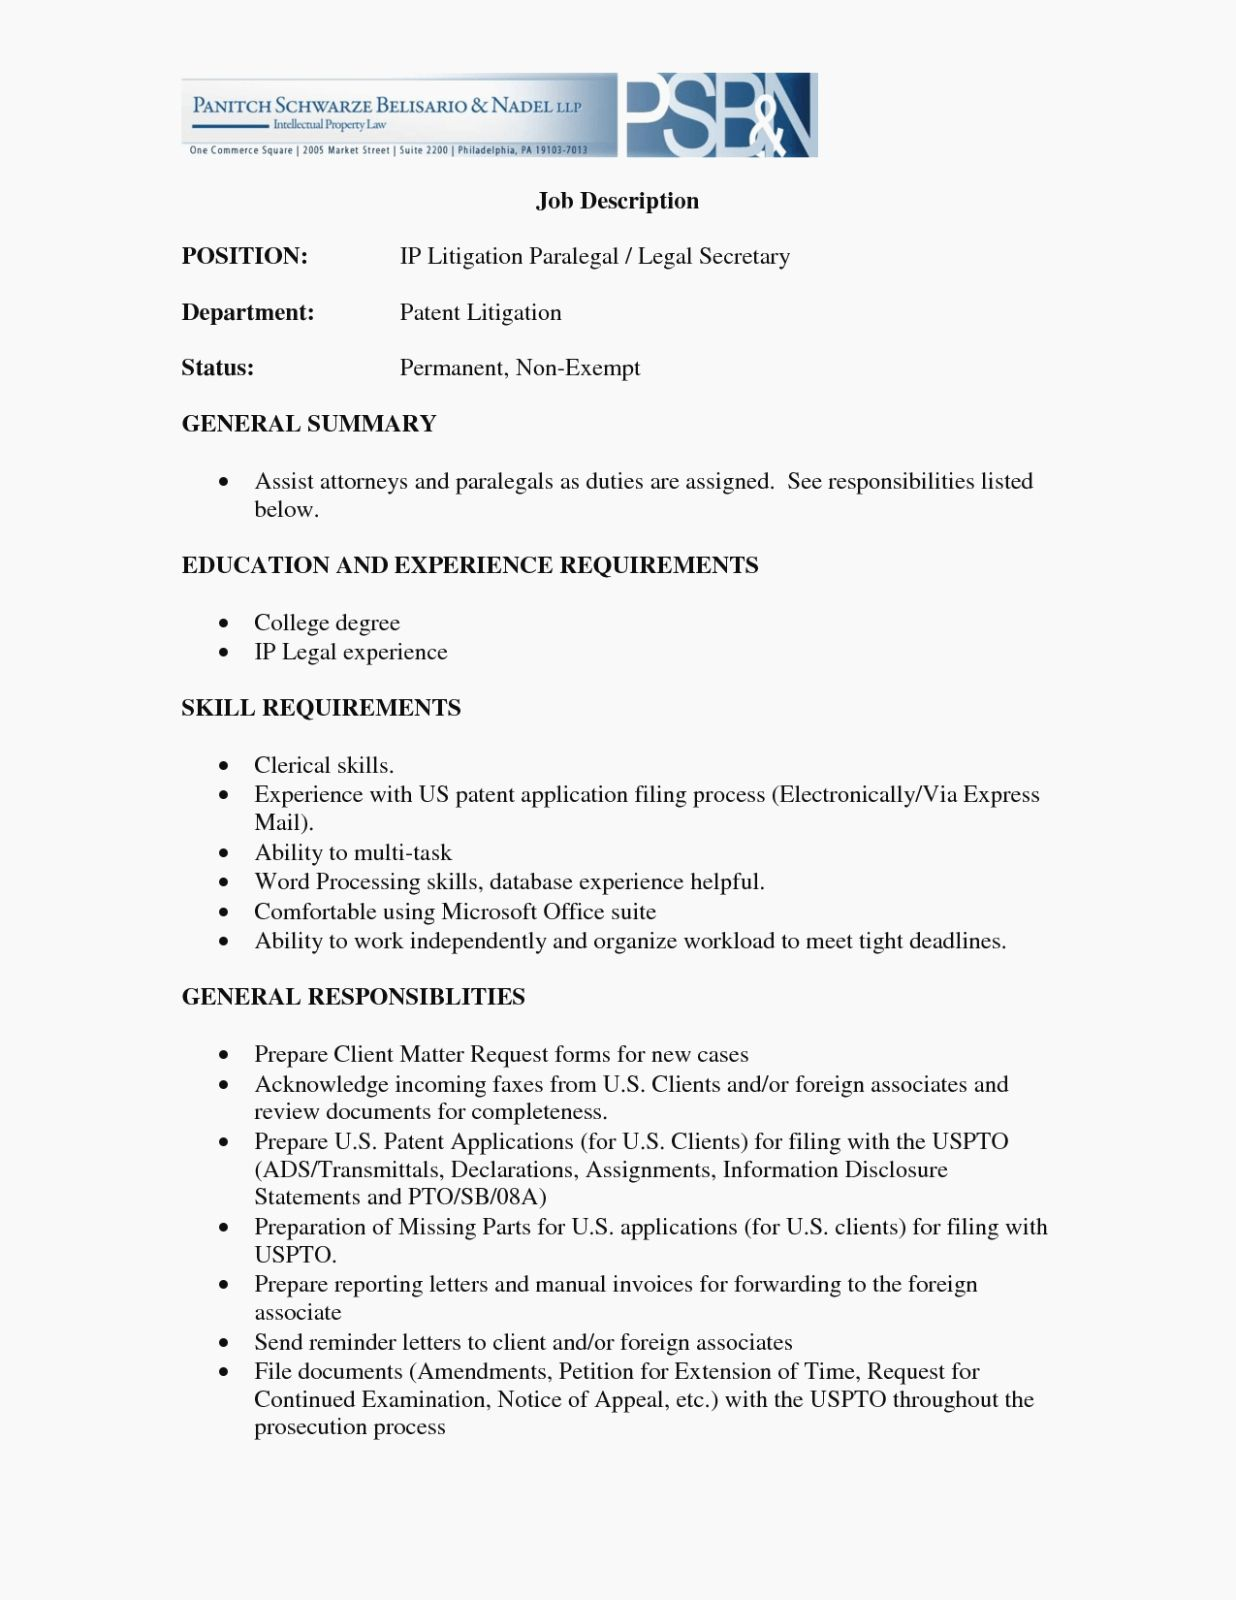 20 Legal assistant Job Description Resume Job